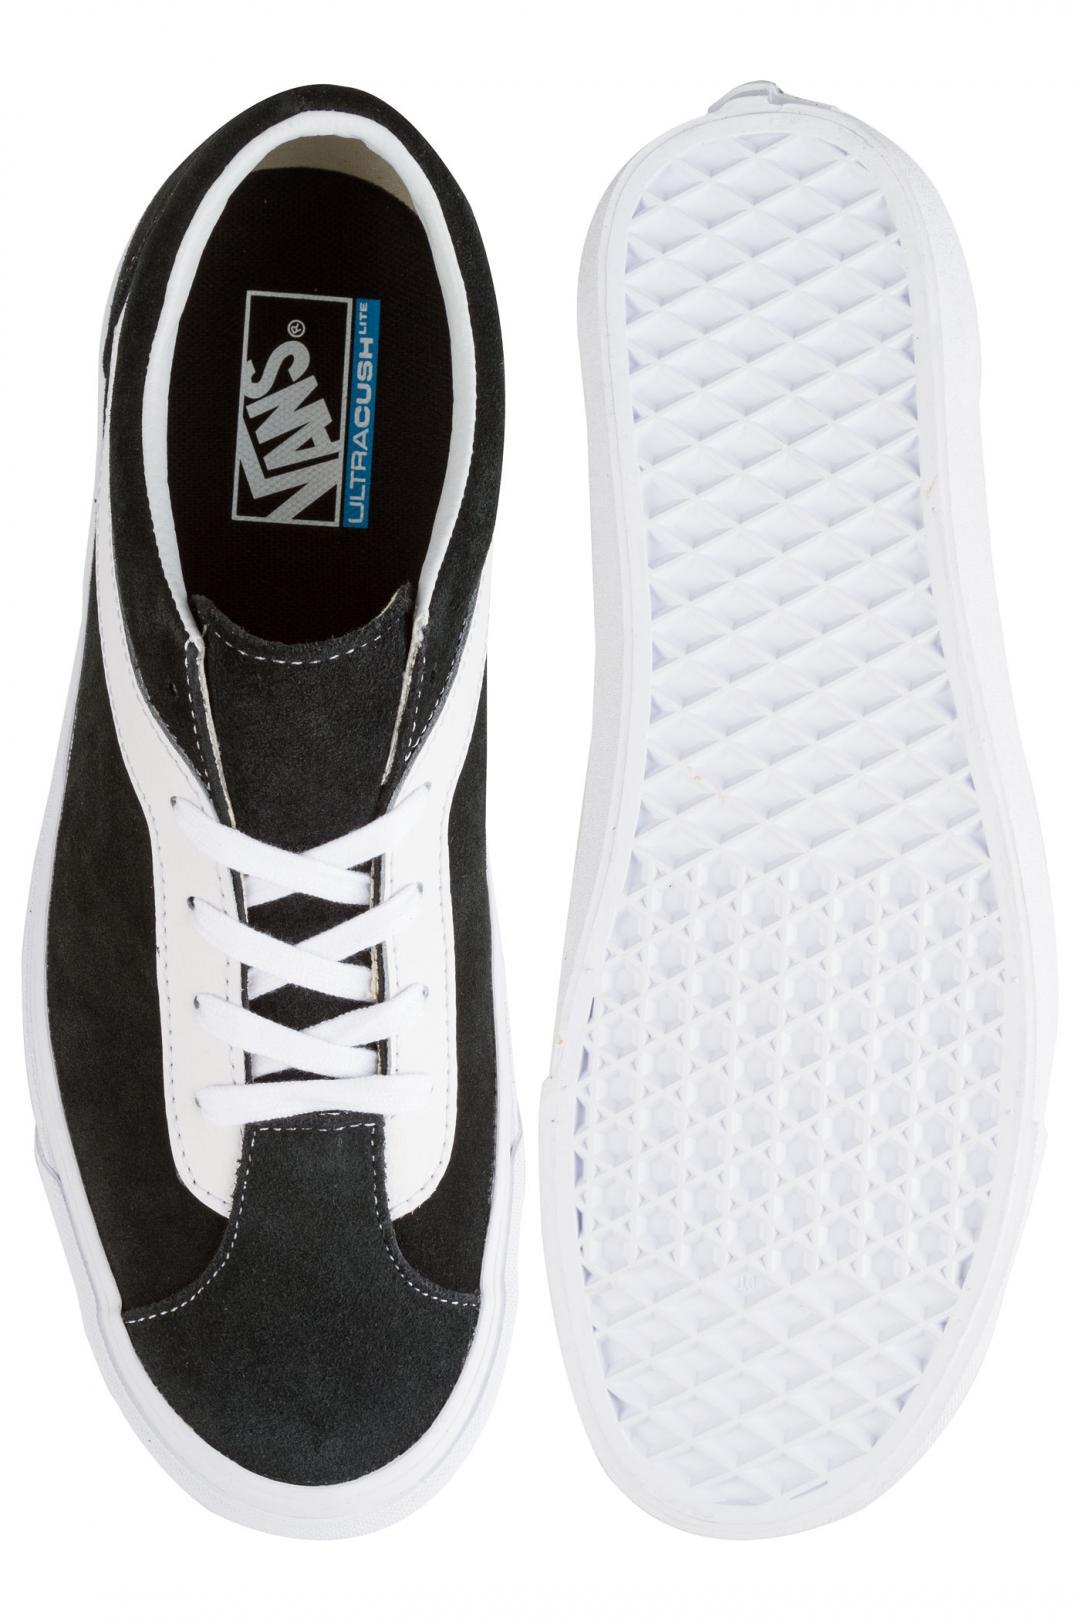 Uomo Vans Bold Ni black true white   Scarpe da skate